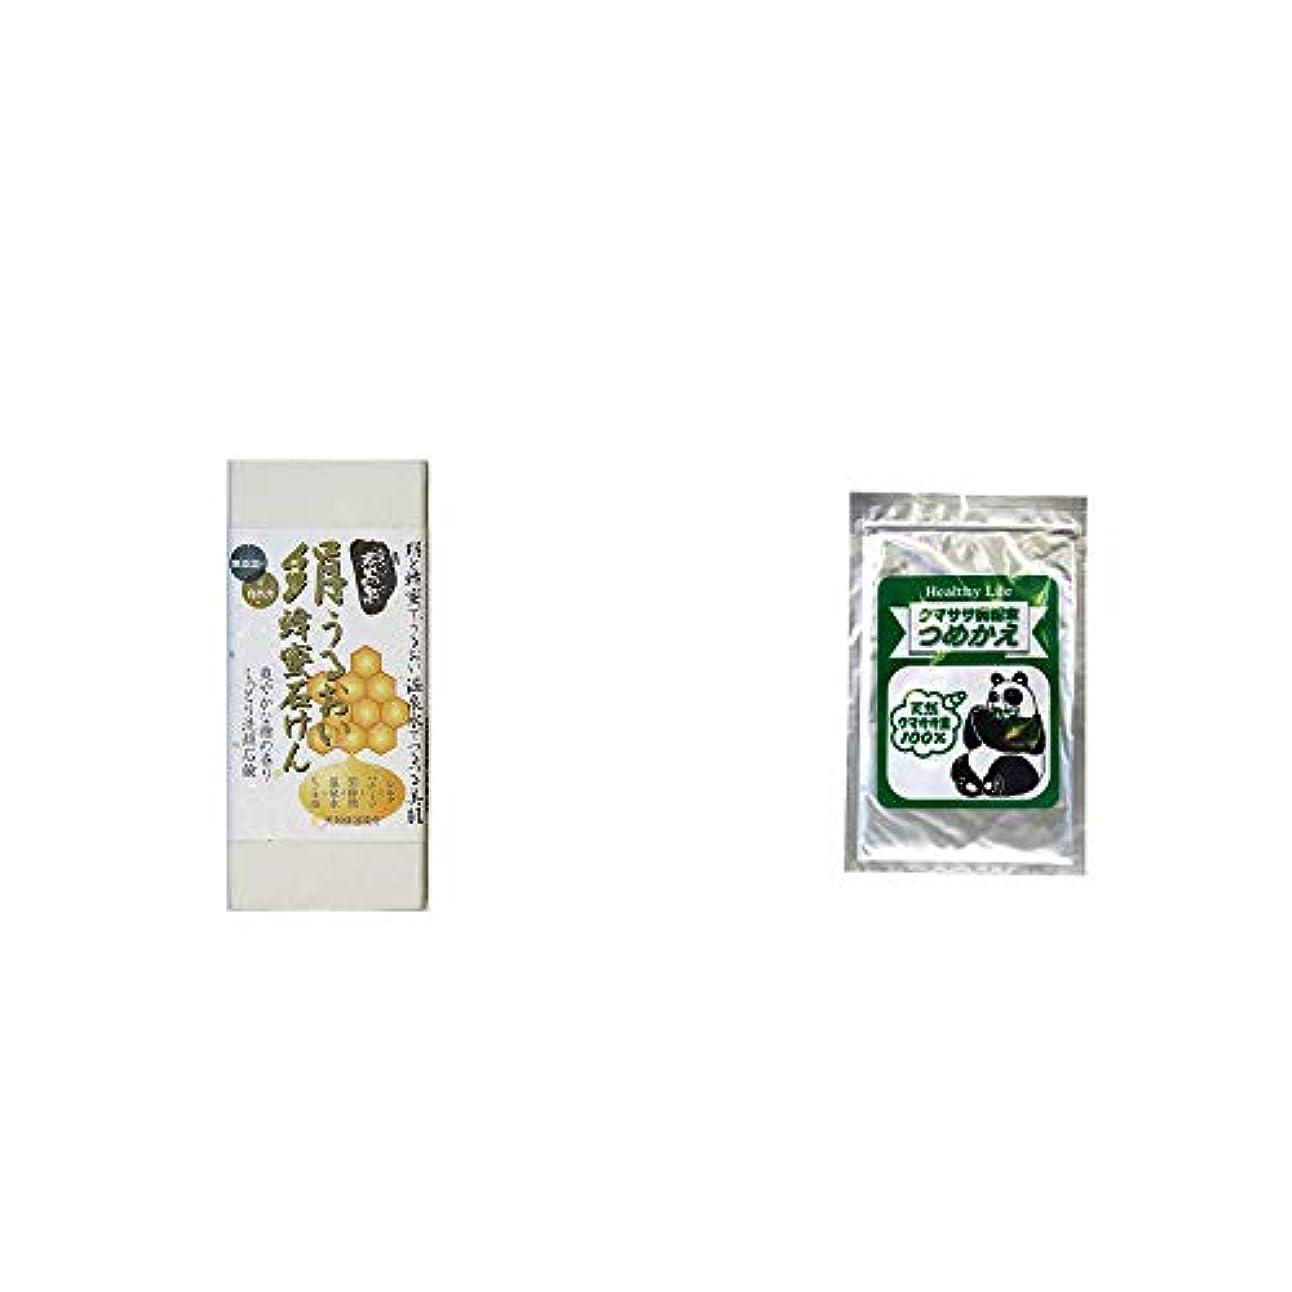 タイマー南極ウェーハ[2点セット] ひのき炭黒泉 絹うるおい蜂蜜石けん(75g×2)?木曽産 熊笹100% クマササ微粉末 詰め替え用 (60g)